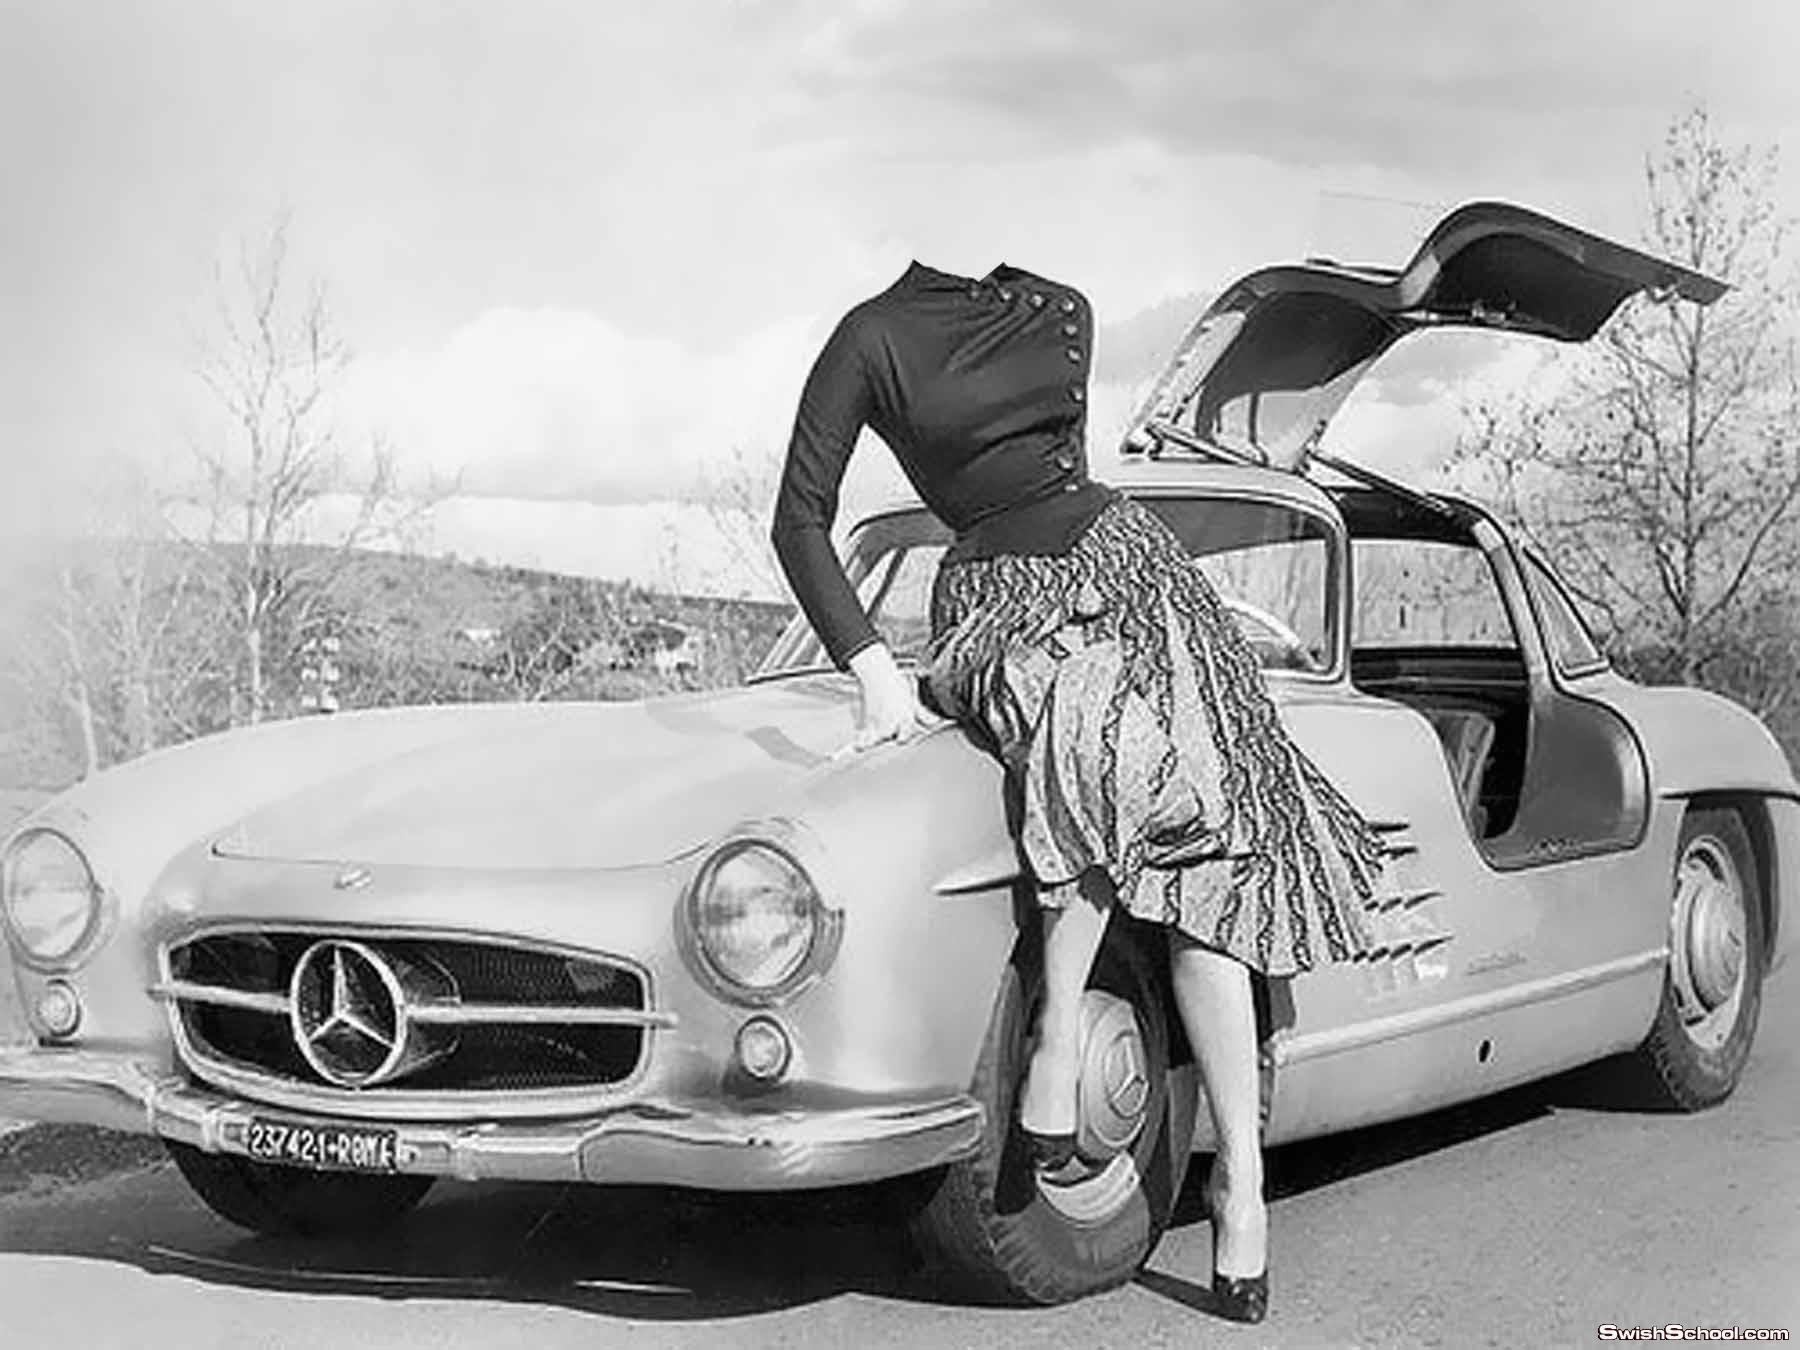 حصرى قالب خيالى لفتاة تجلس على سيارة مرسيدس ابيض واسود